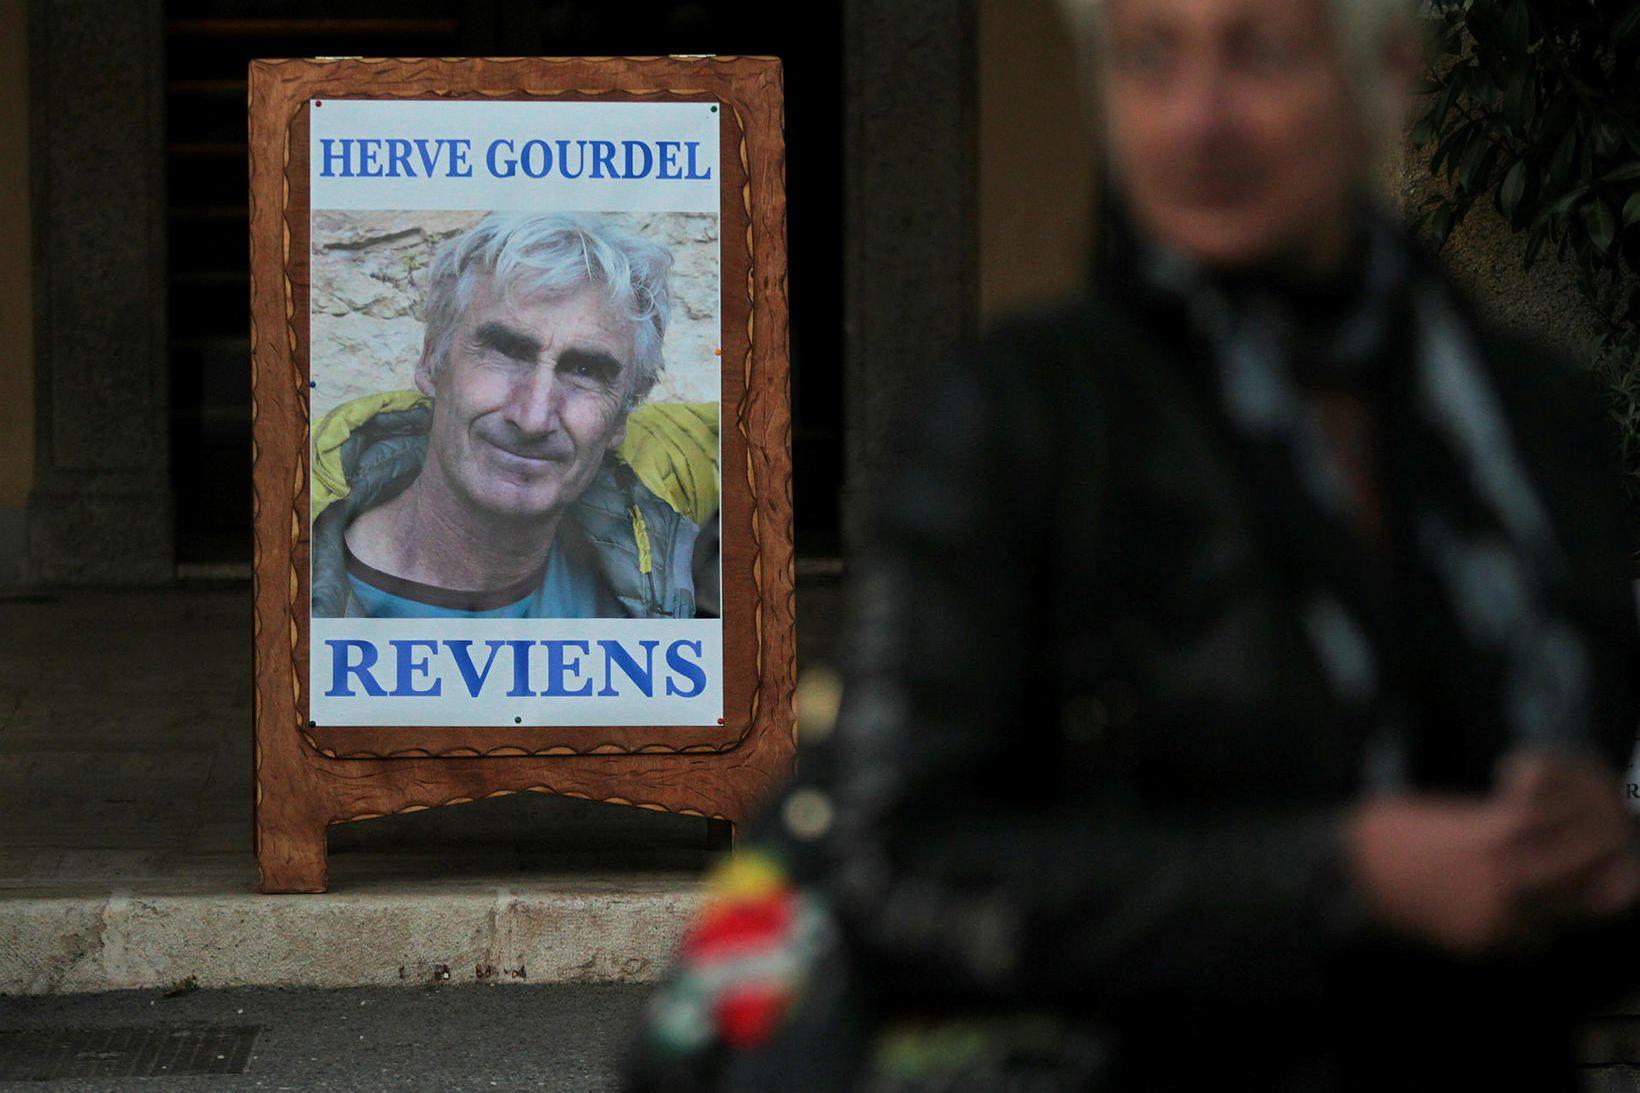 Herve Gourdel.